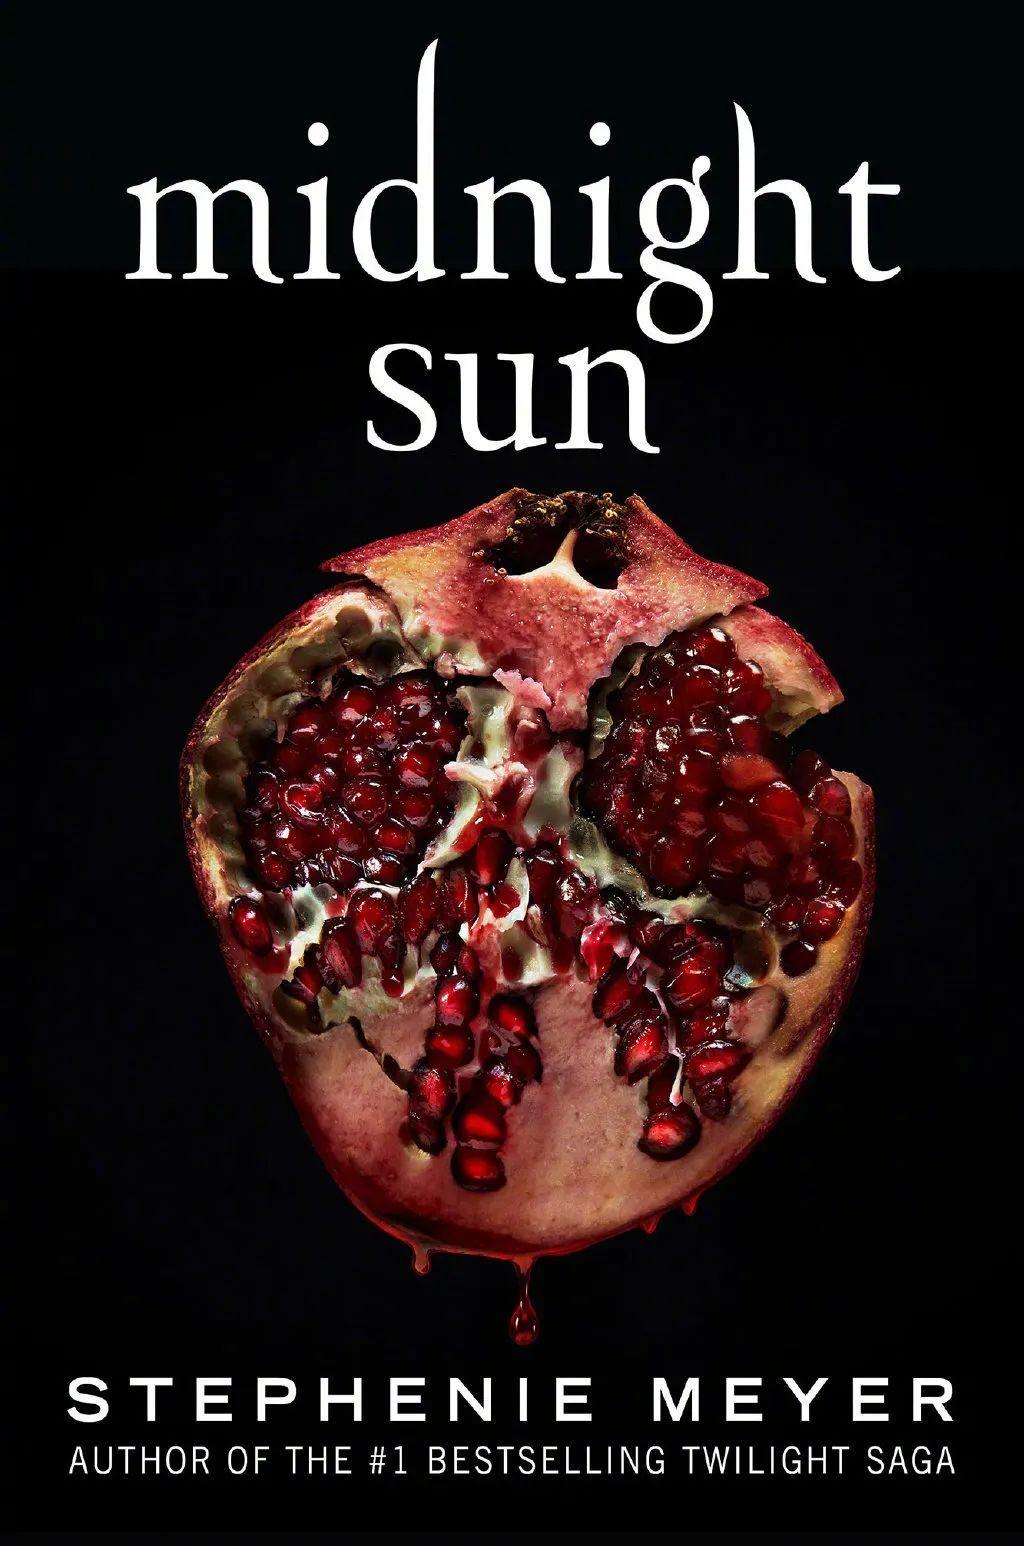 《暮光之城》系列第五部《午夜太阳》将于8月4日出版!_图片 No.6